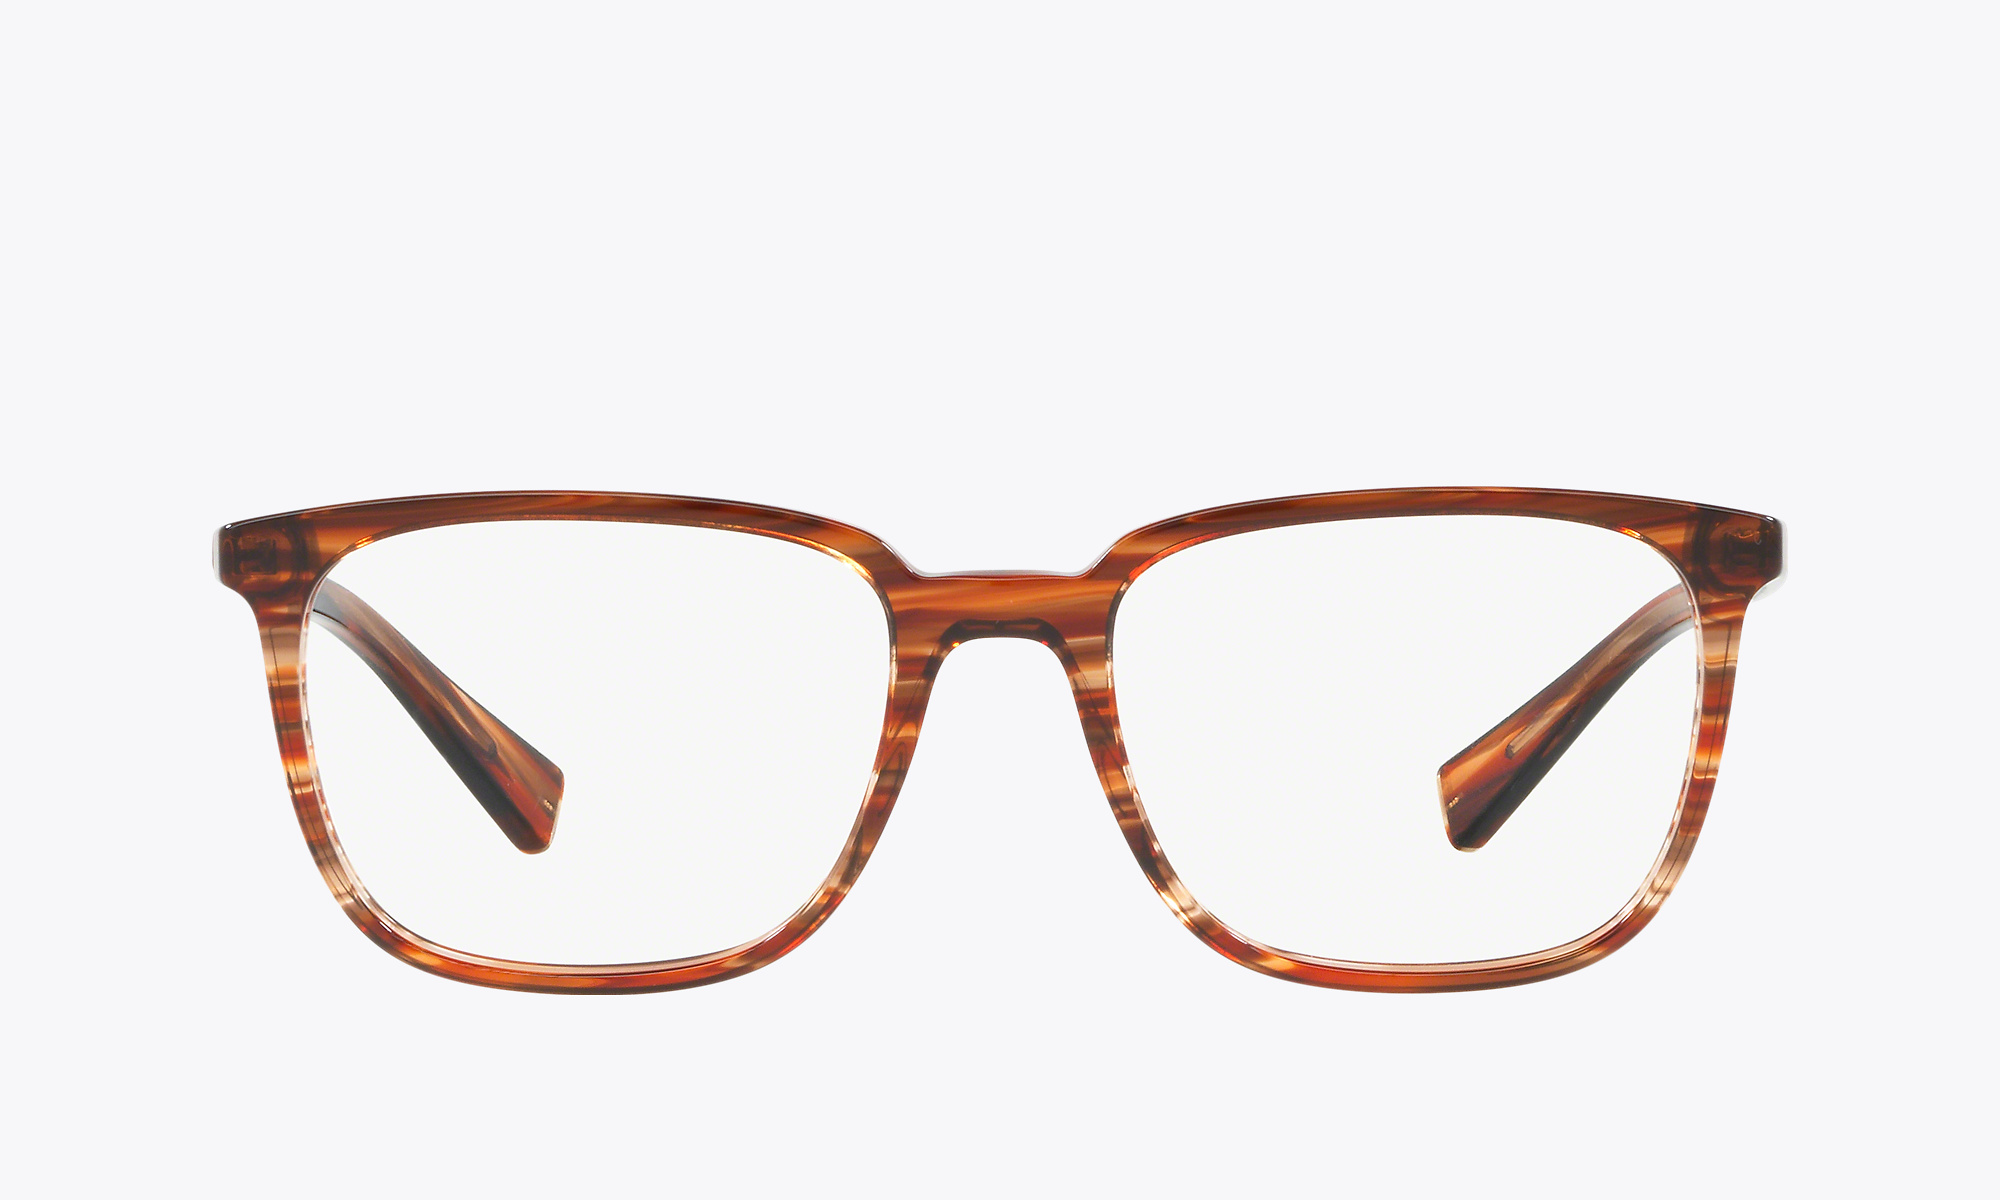 Image of Dolce & Gabbana DG3298 color Orange